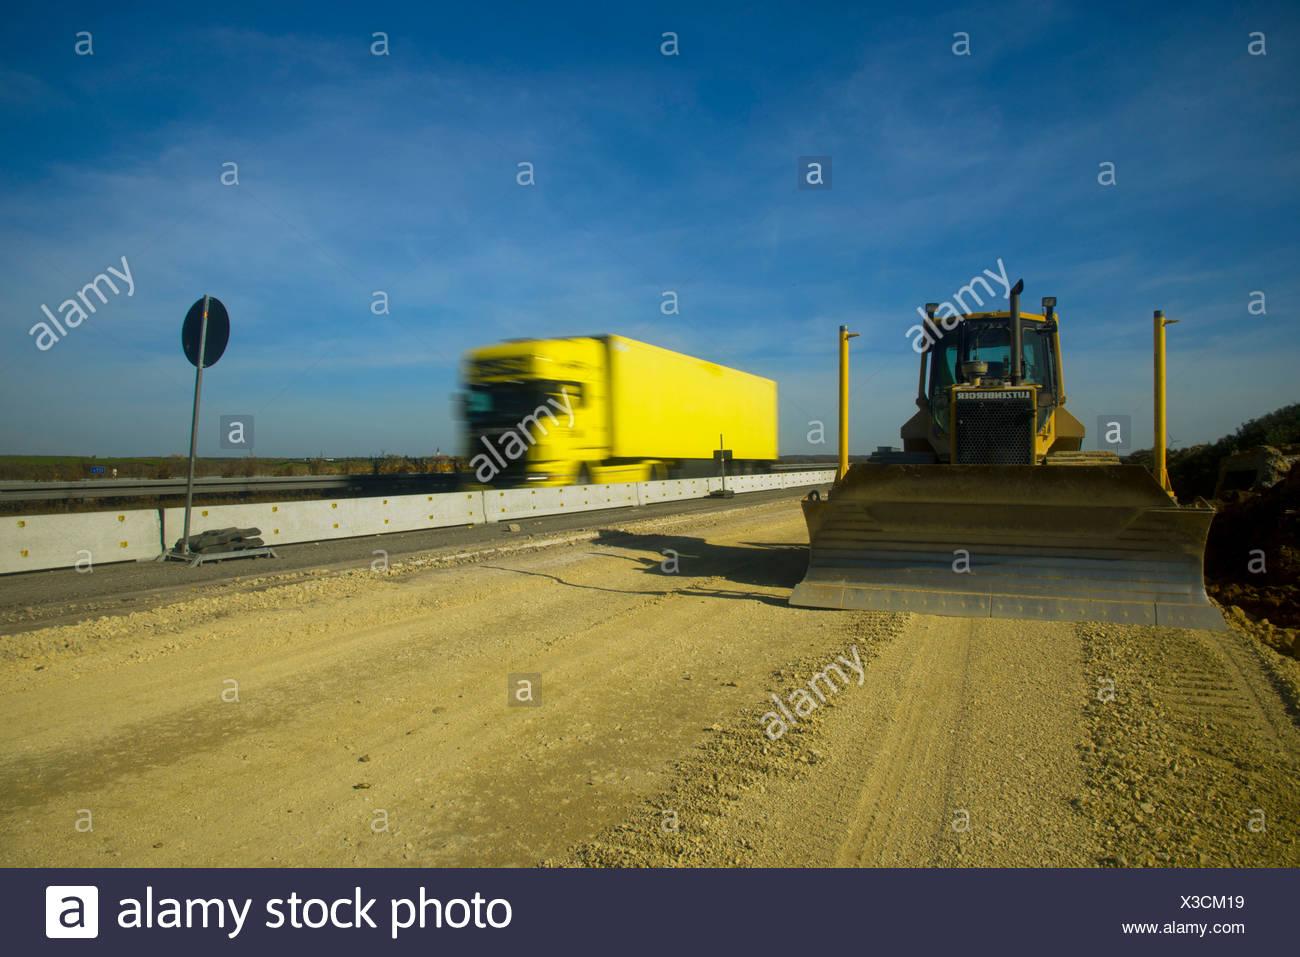 Autobahn Baustellen, Ausbau der Autobahn A8, Autobahn, auf insgesamt 6 Bahnen, Erde bewegenden Maschine, Schwäbische Alb Stockbild